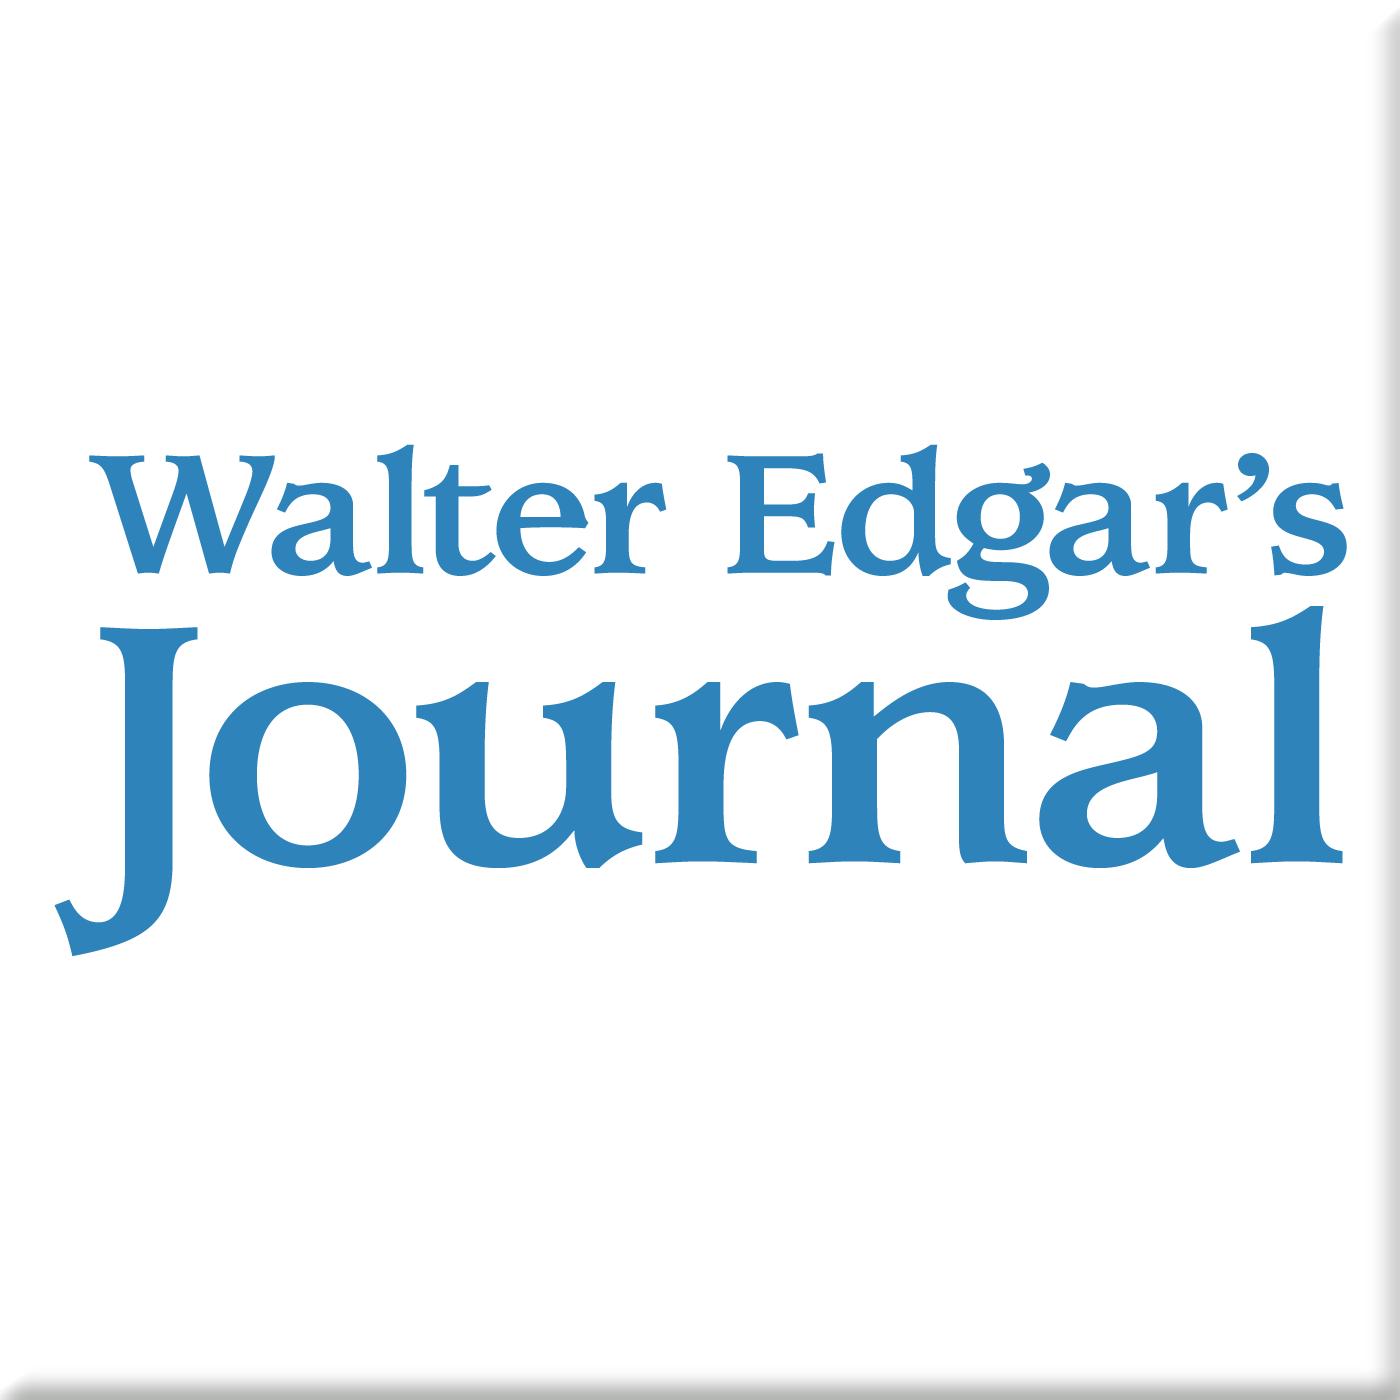 Walter Edgar's Journal